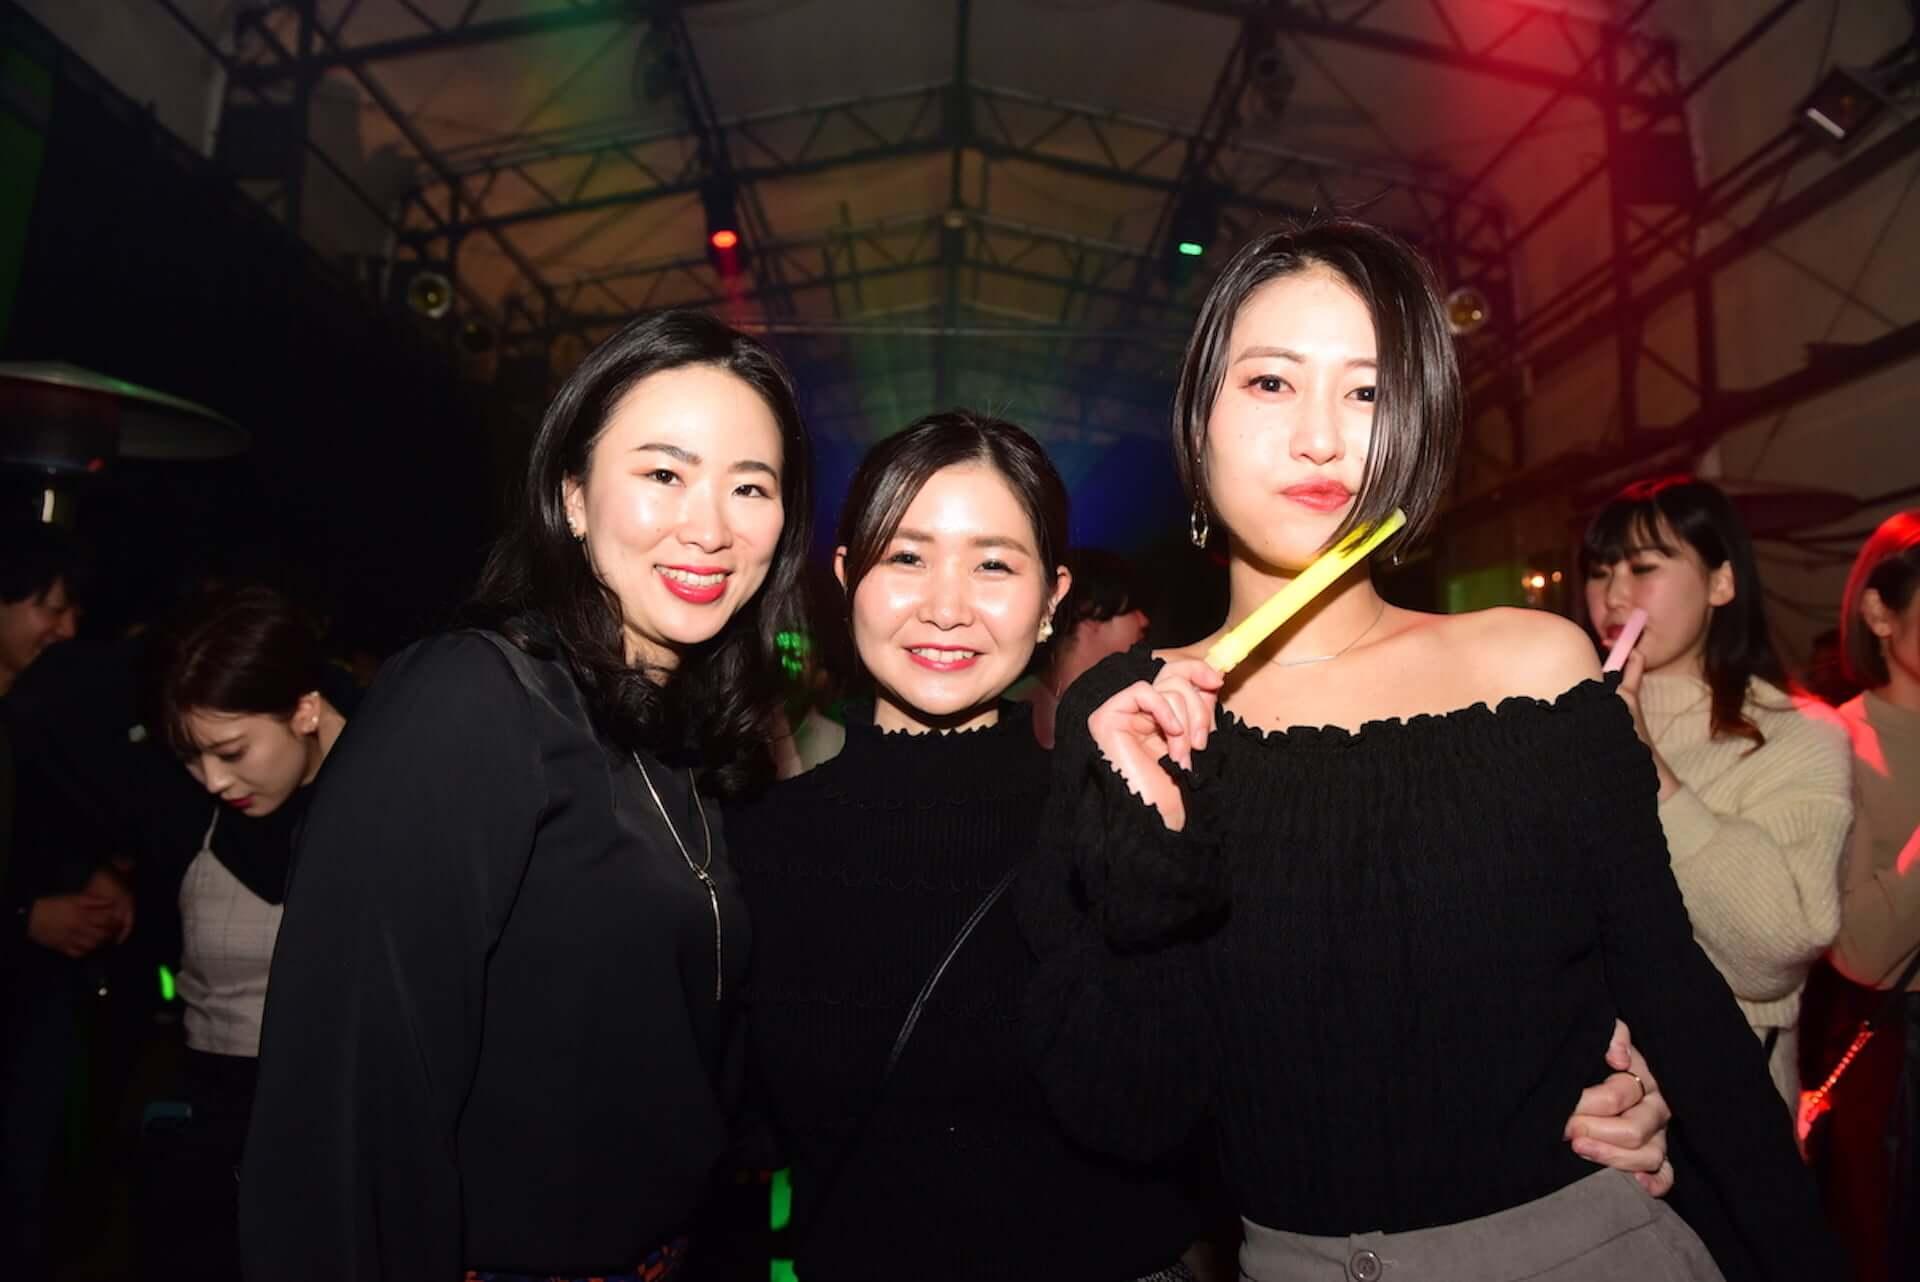 3,000人が出会う一夜!りんごちゃん、t-Ace等々出演のsagami original presents<SABISHINBO NIGHT 2019>25周年目のイベントレポート music191224_sabishinbo2019after_11-1920x1282